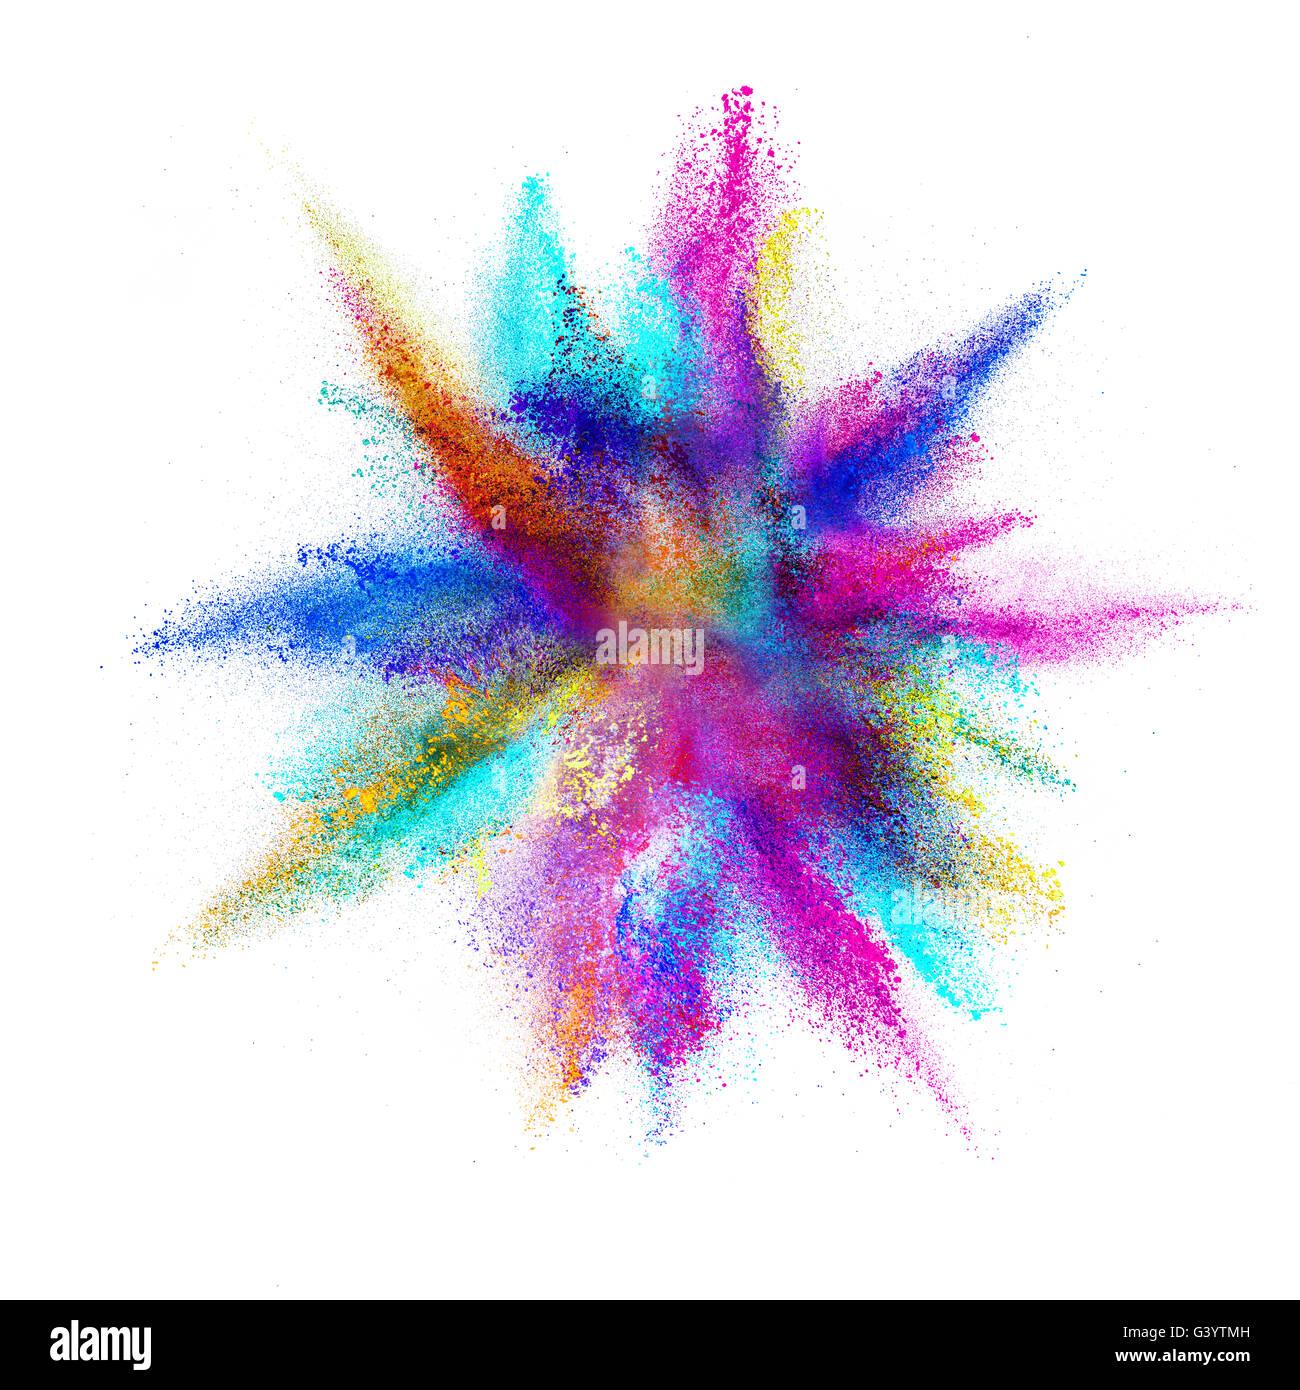 Esplosione di polvere colorata, isolato su sfondo bianco Immagini Stock